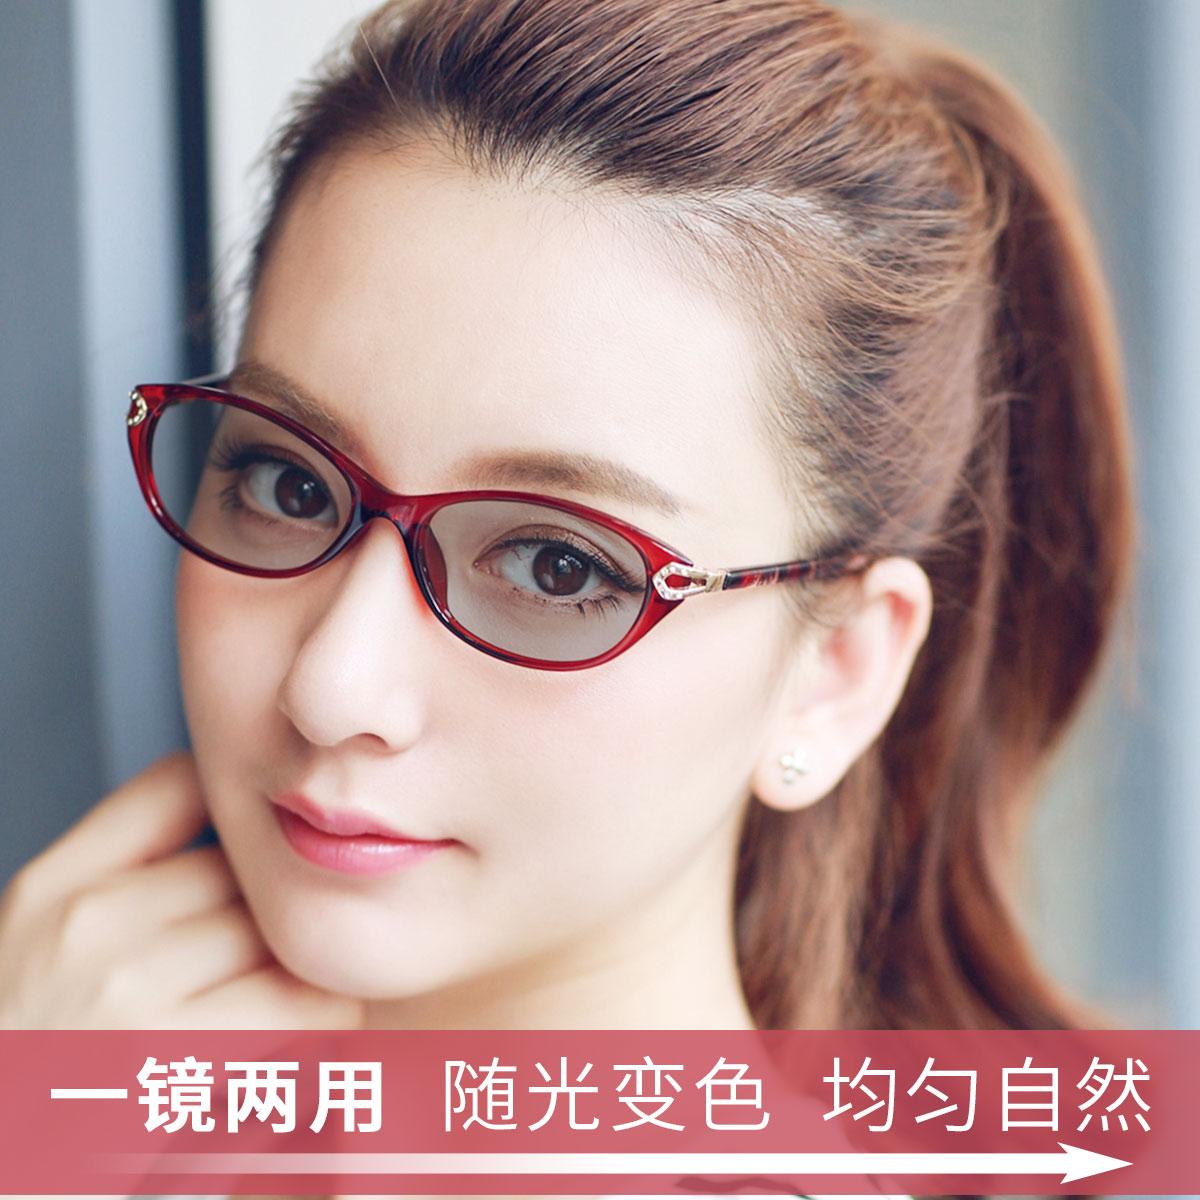 色の近視の眼鏡の女性の復古の平眼鏡の額縁の丸い顔は目の青い光の眼鏡のフレームの潮流を防ぐことに配合します。